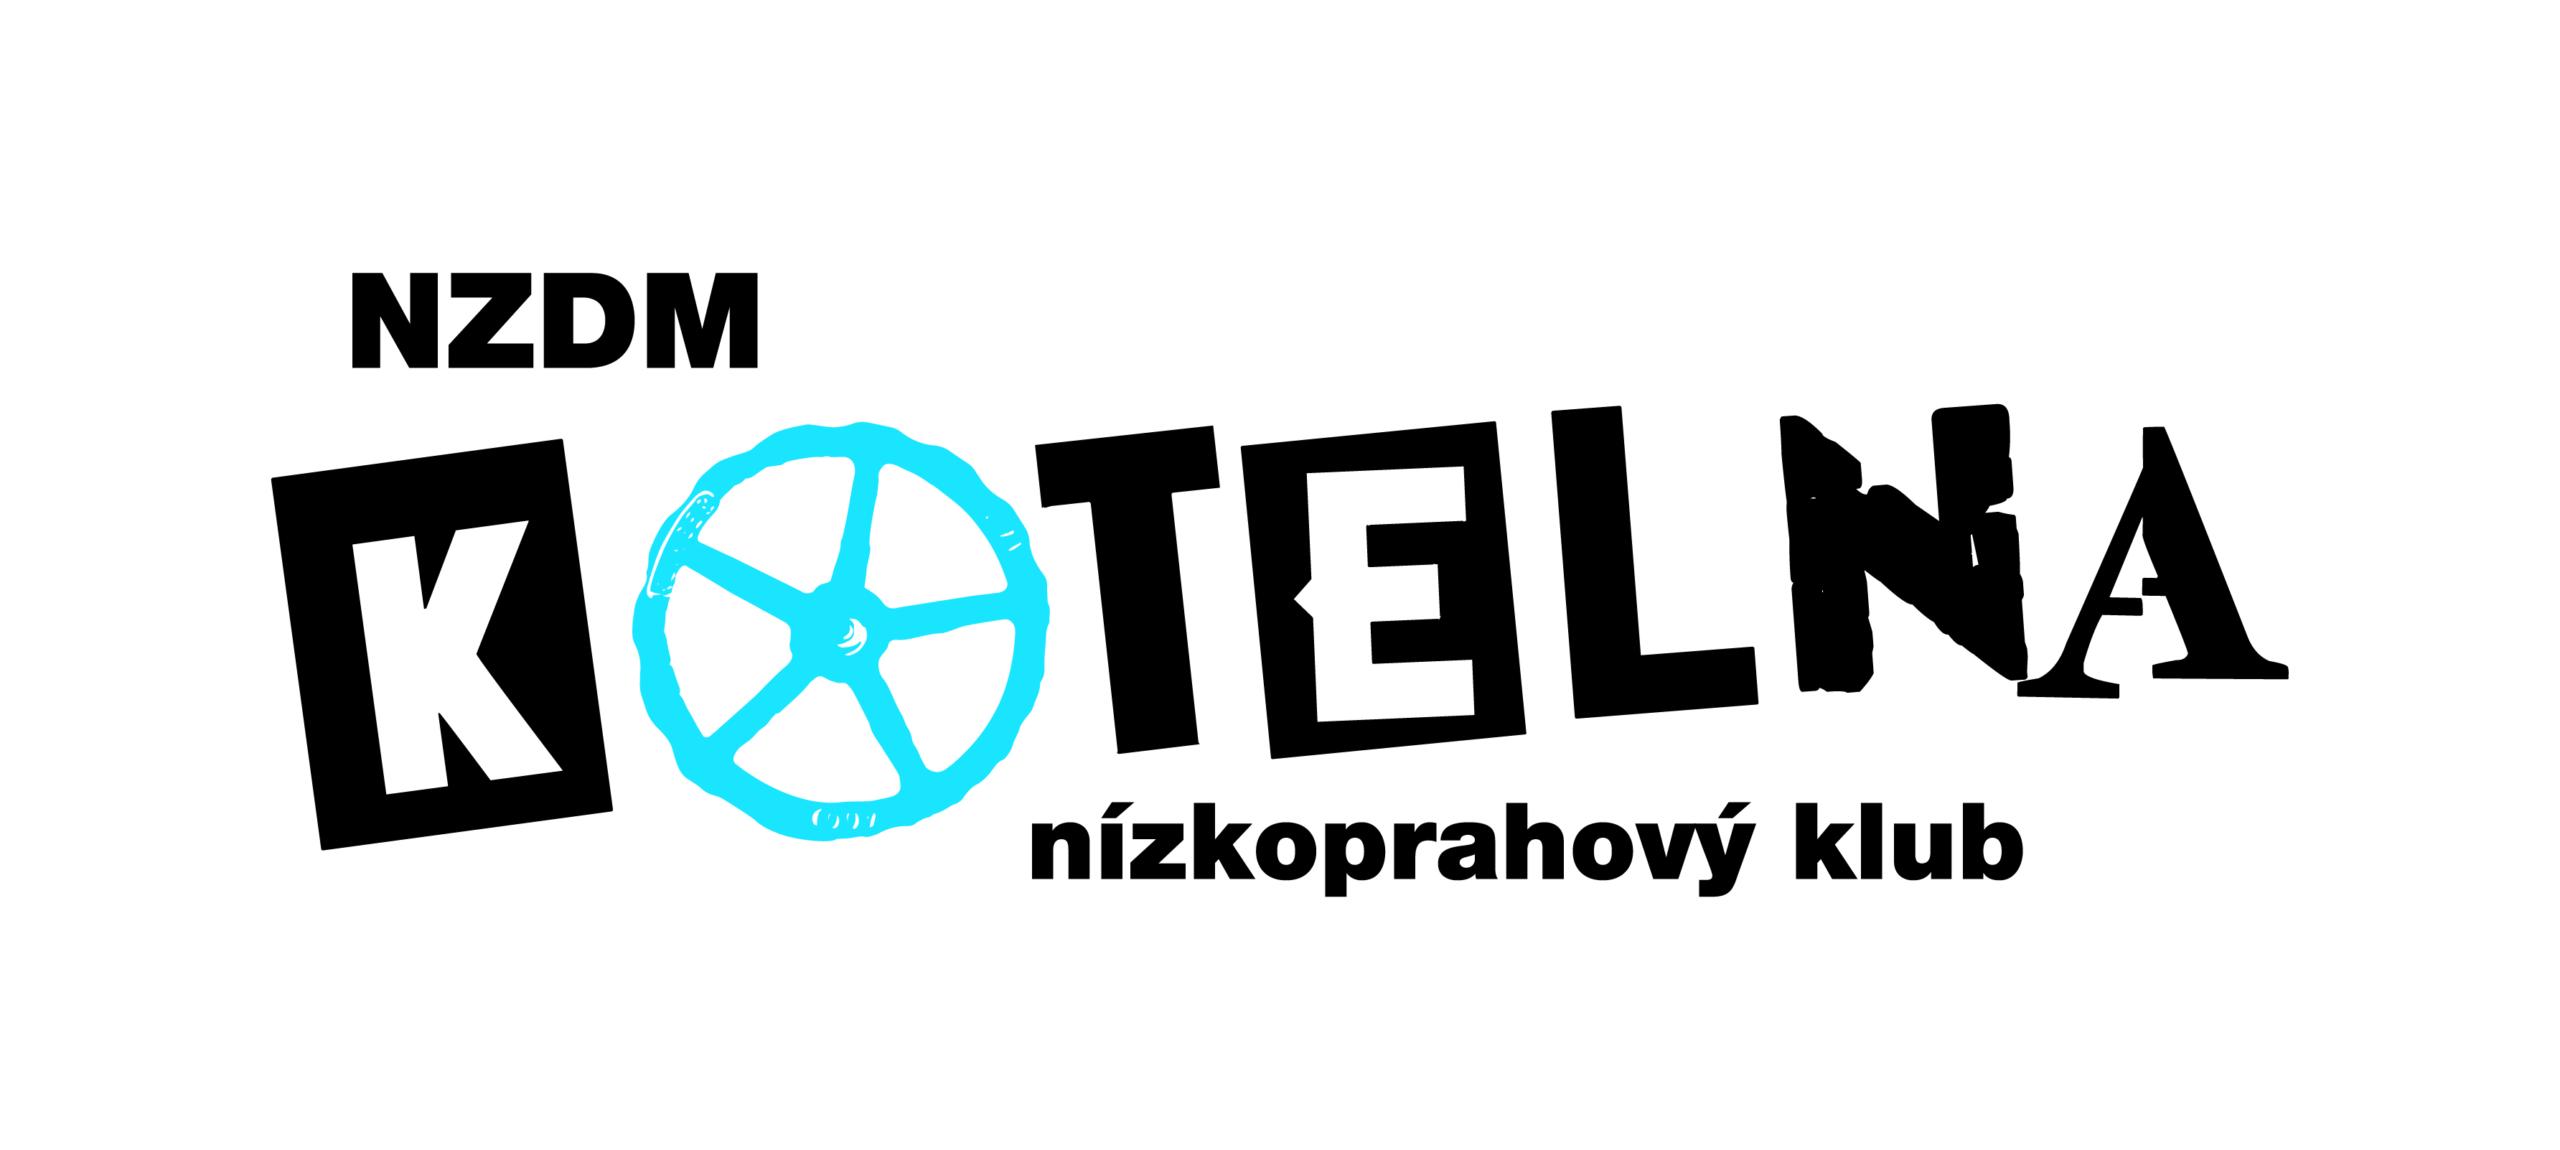 Návrh designu loga nízkoprahového klubu KOTELNA